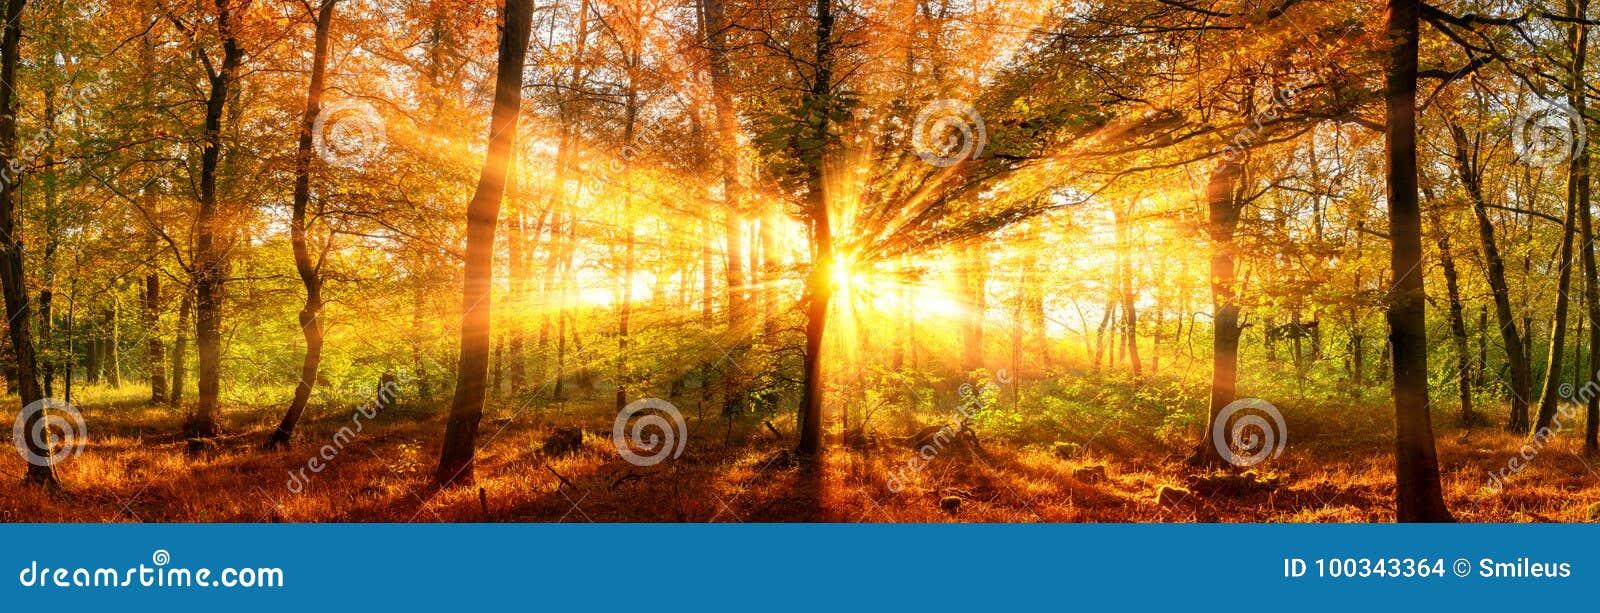 De herfst bospanorama met levendige gouden zonnestralen